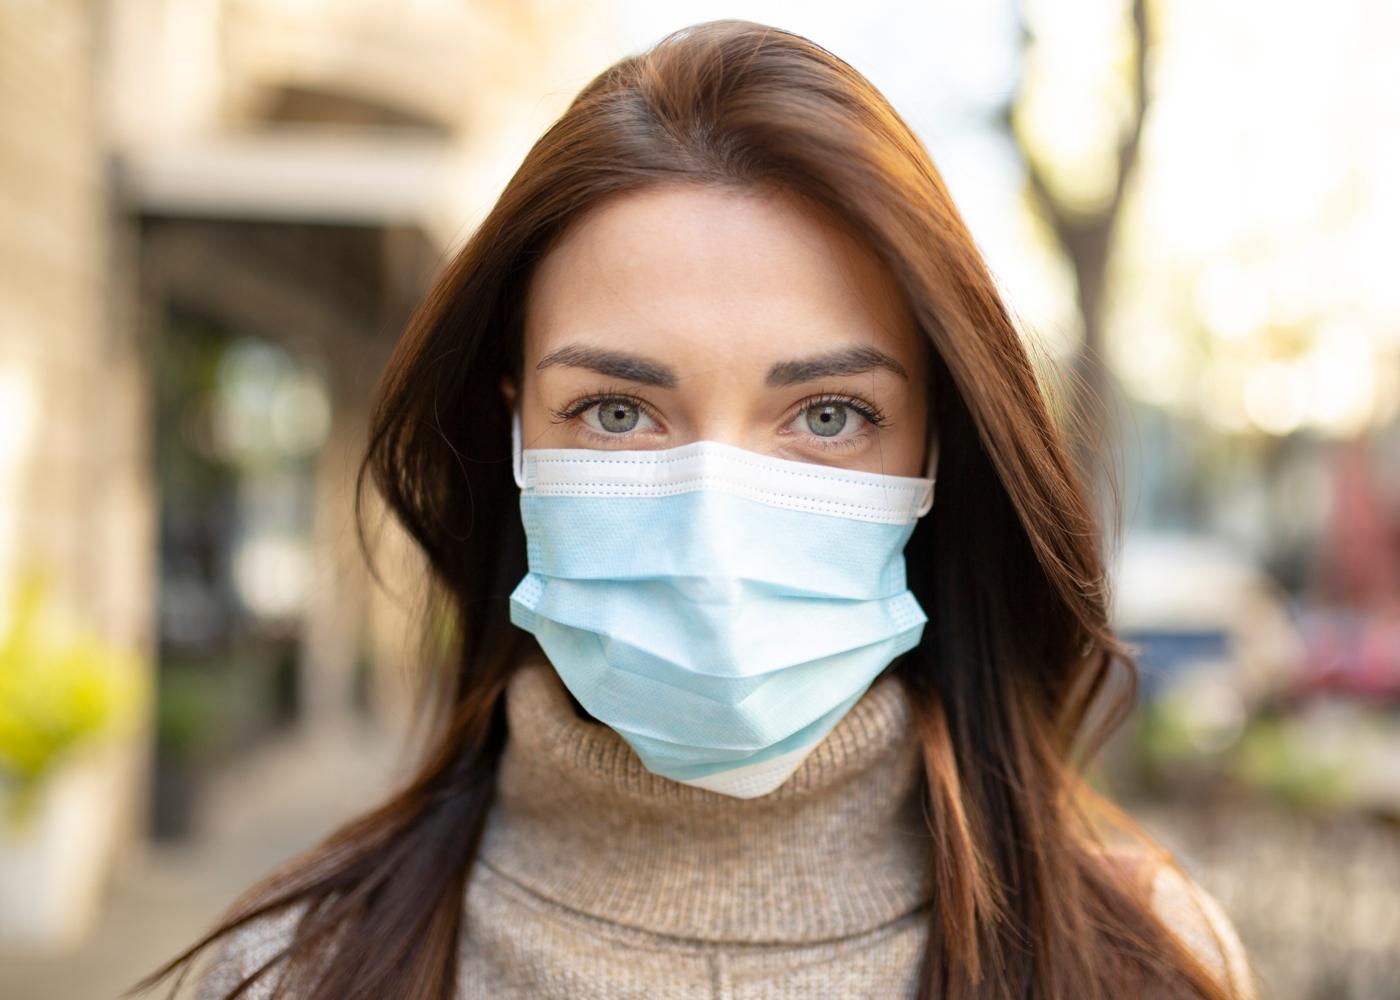 Mulher com máscara de proteção na via pública